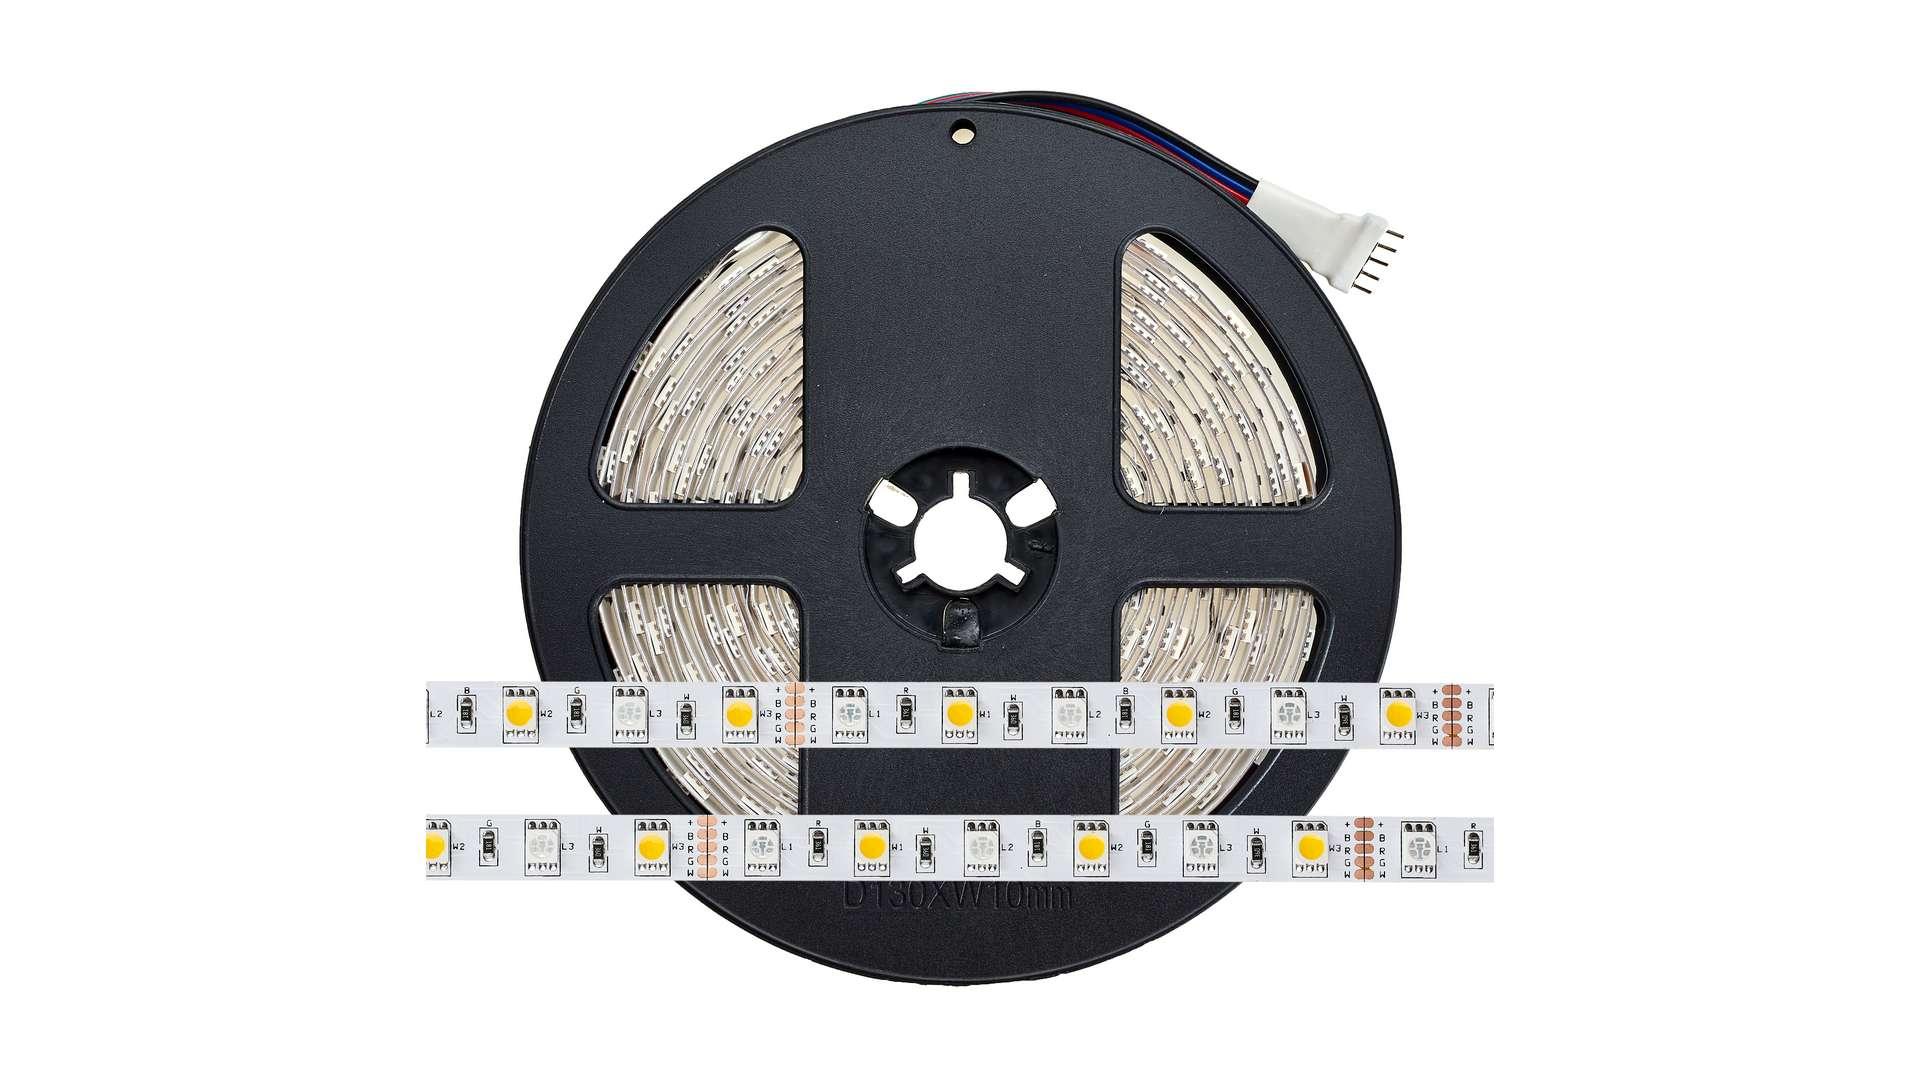 Taśma 300 LED 60 LED/m 5050 SMD, RGBCW